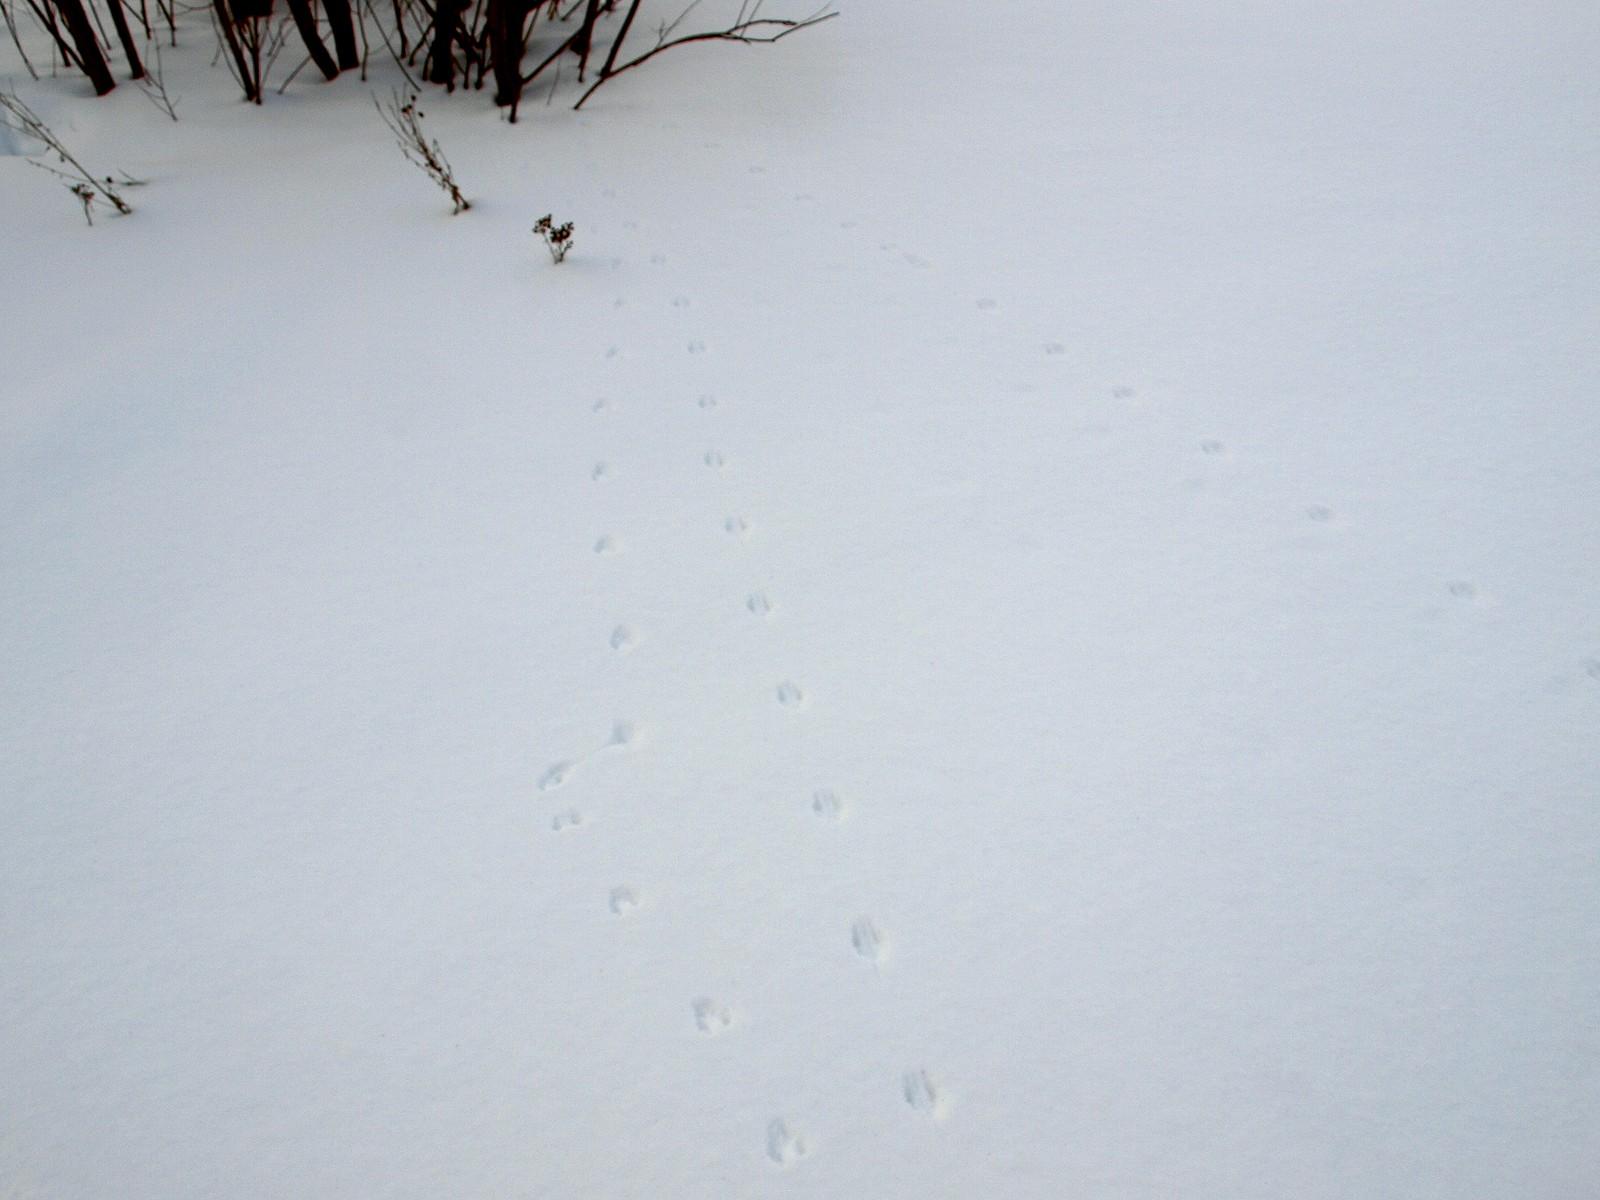 Следы мышей на снегу - сорнякам нет